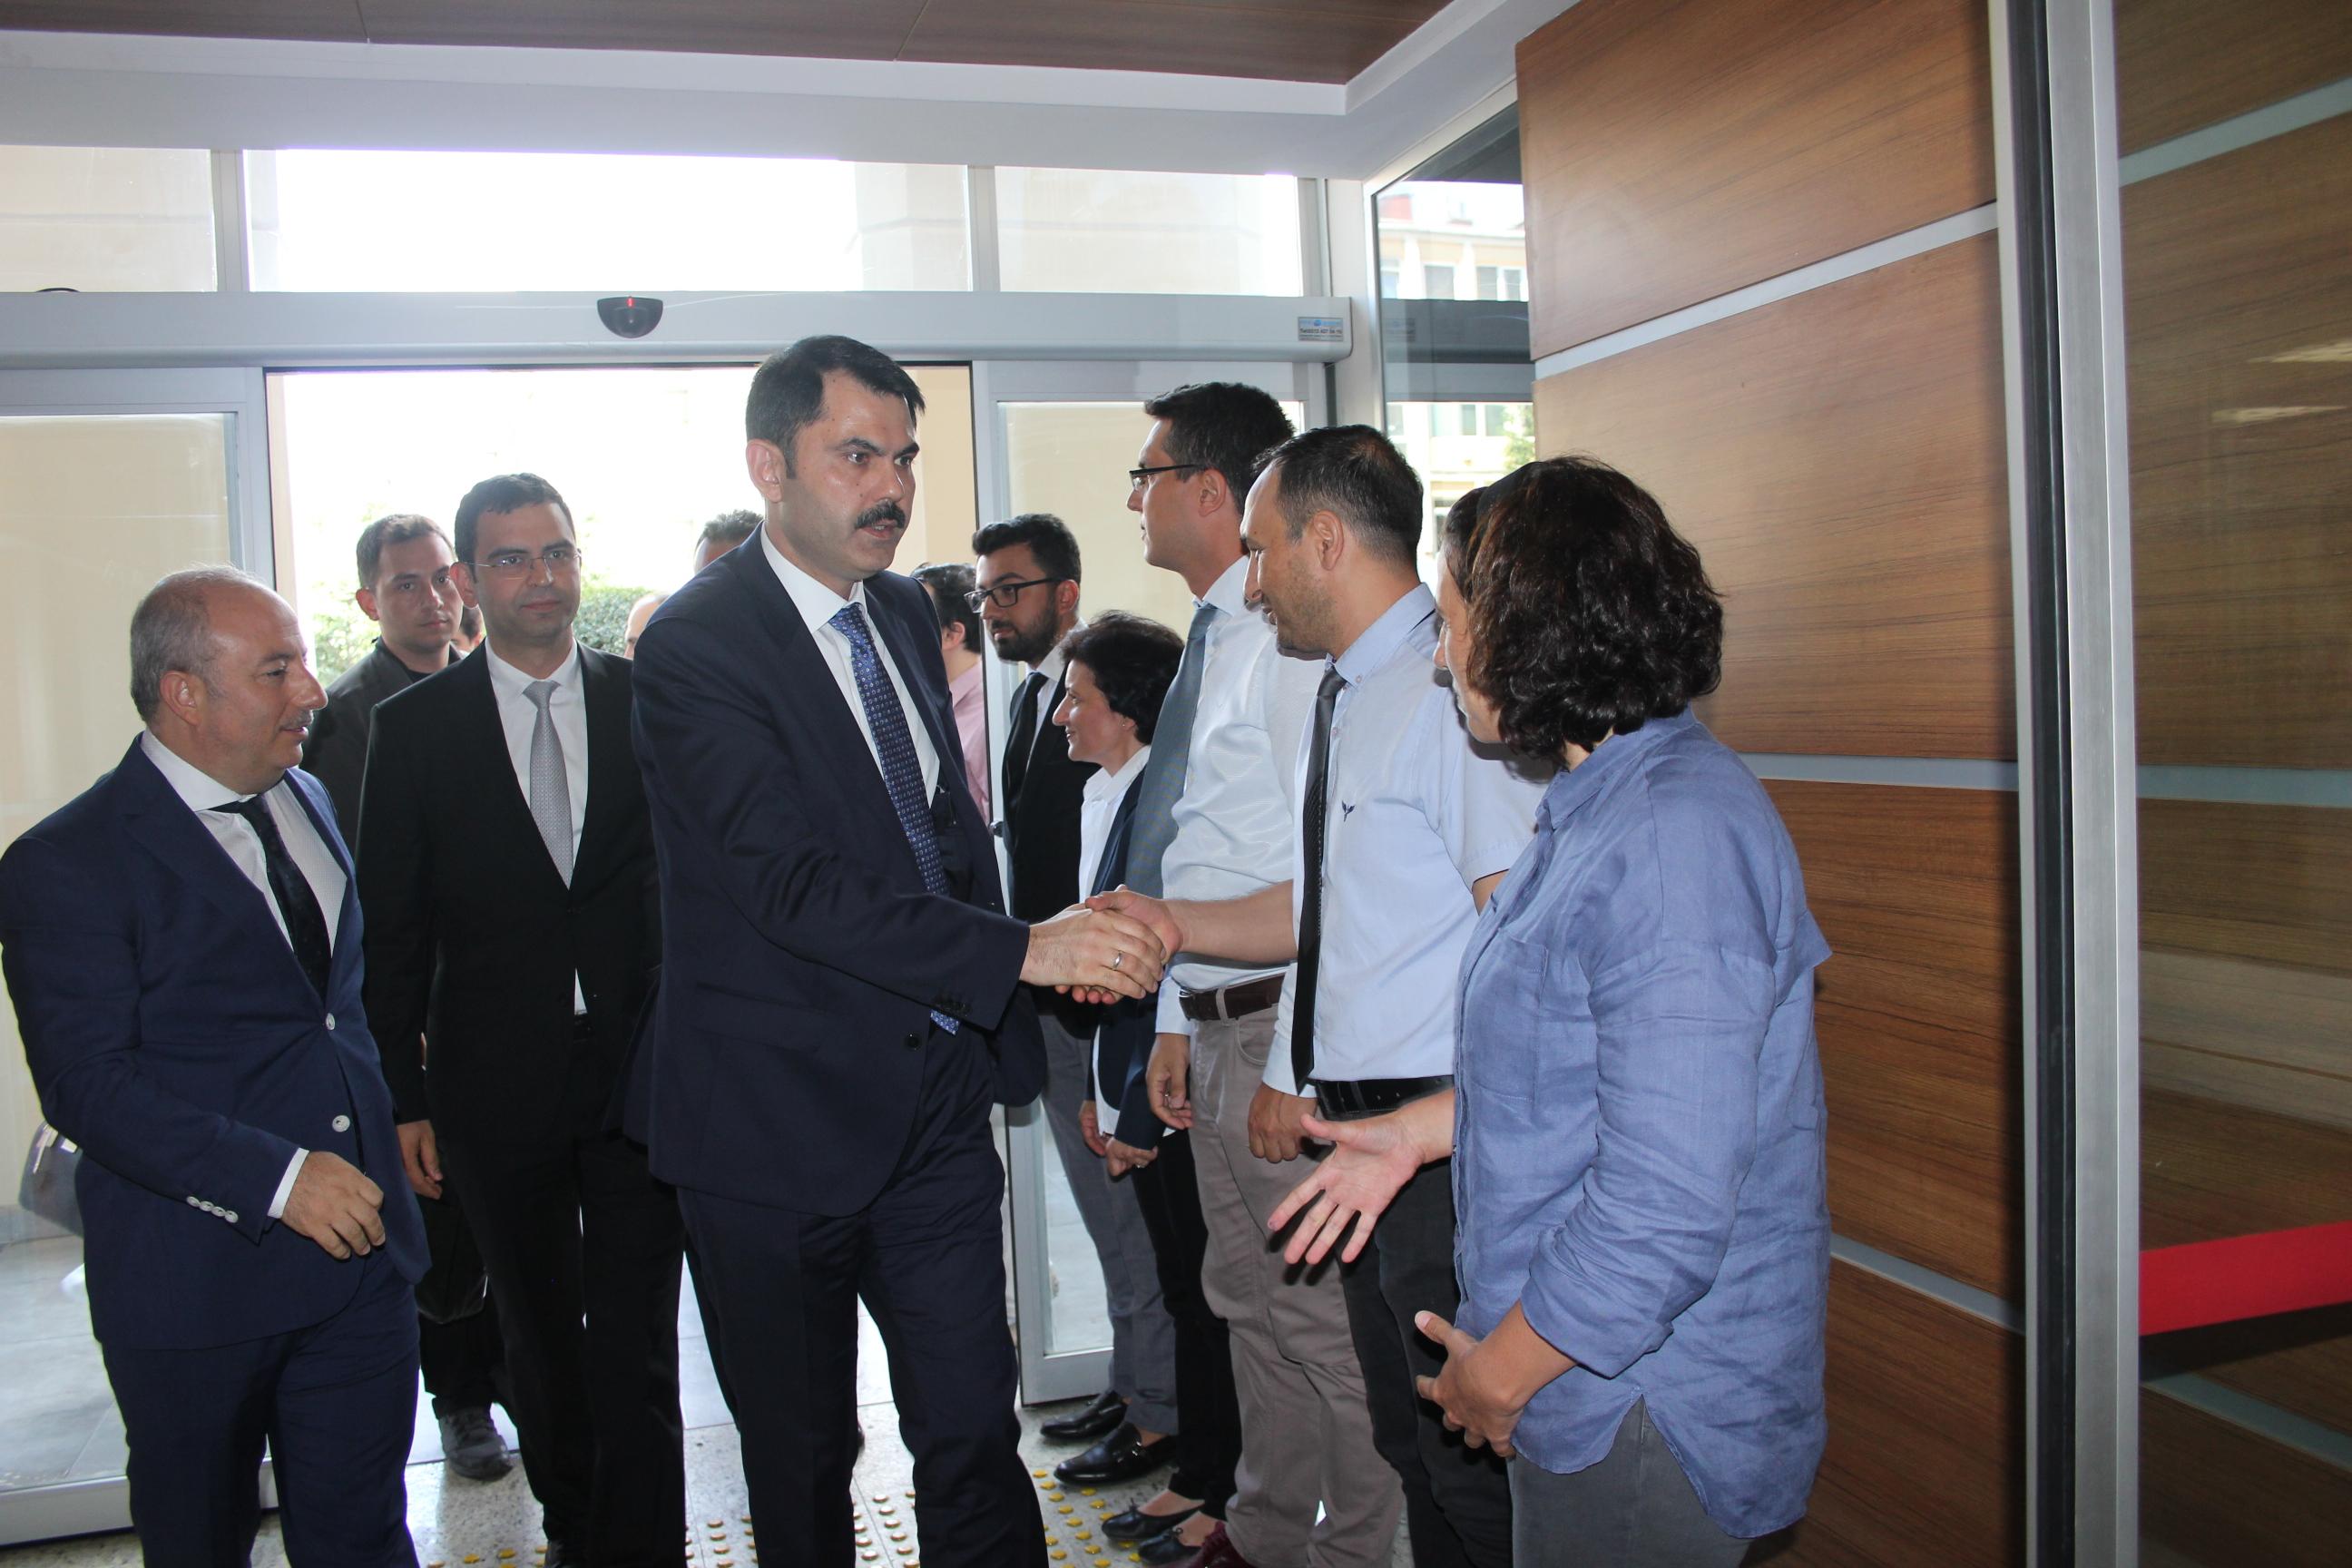 Çevre ve Şehircilik Bakanı Sn. Murat KURUM'dan Müdürlüğümüze İlk Ziyaret